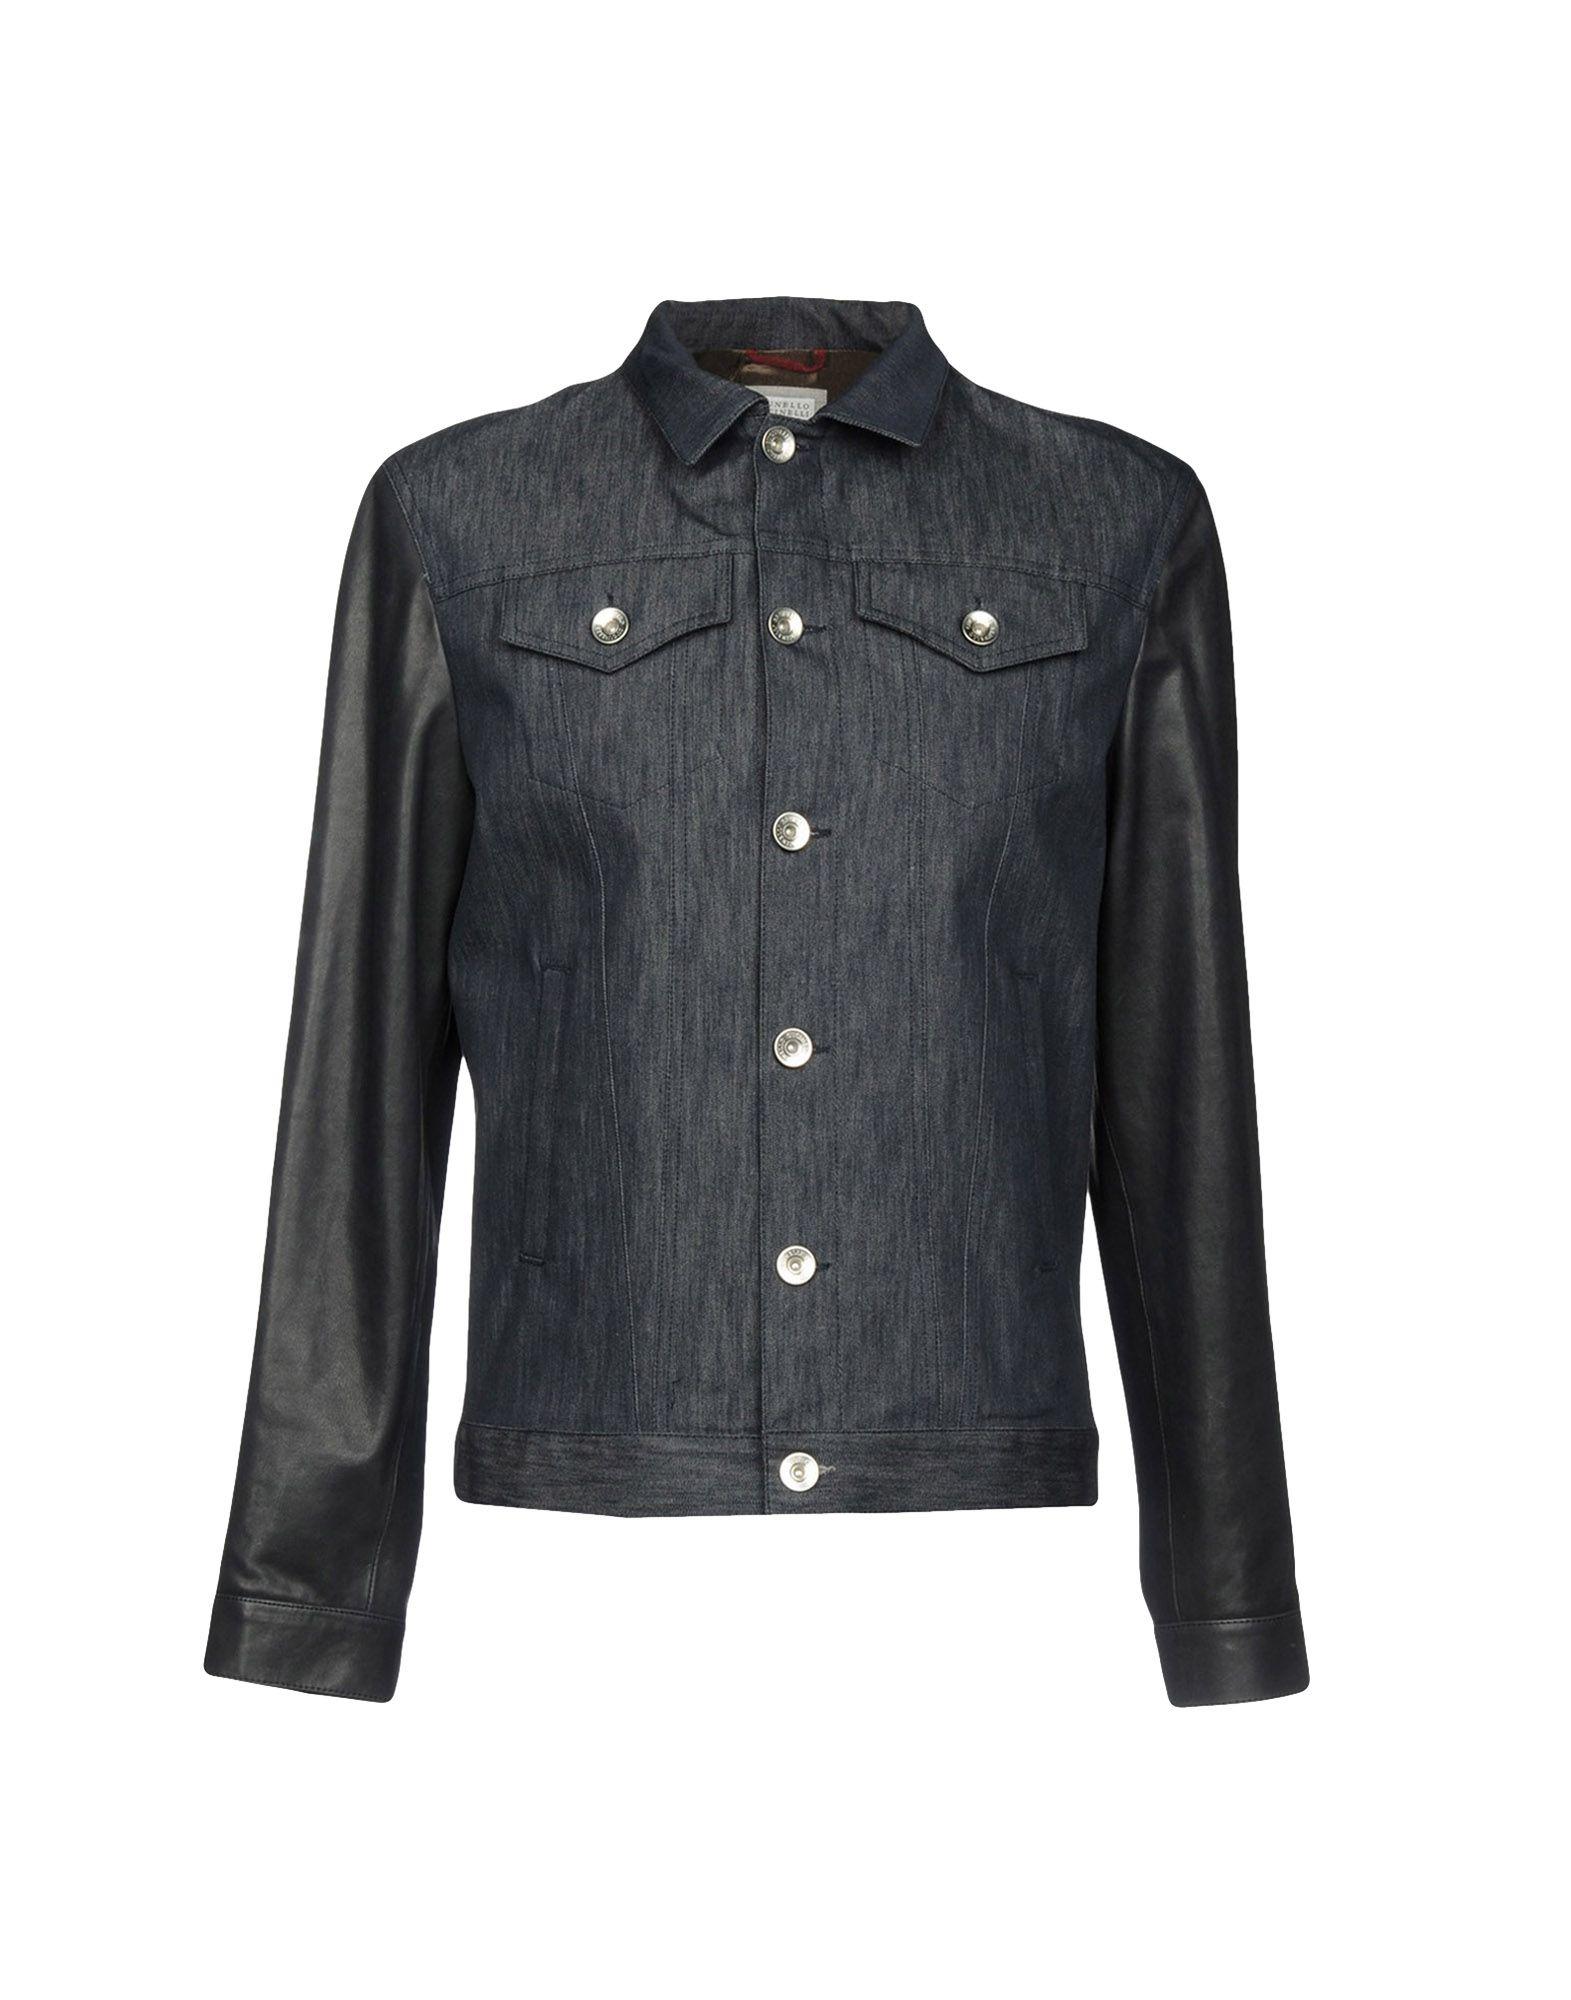 цена BRUNELLO CUCINELLI Джинсовая верхняя одежда онлайн в 2017 году